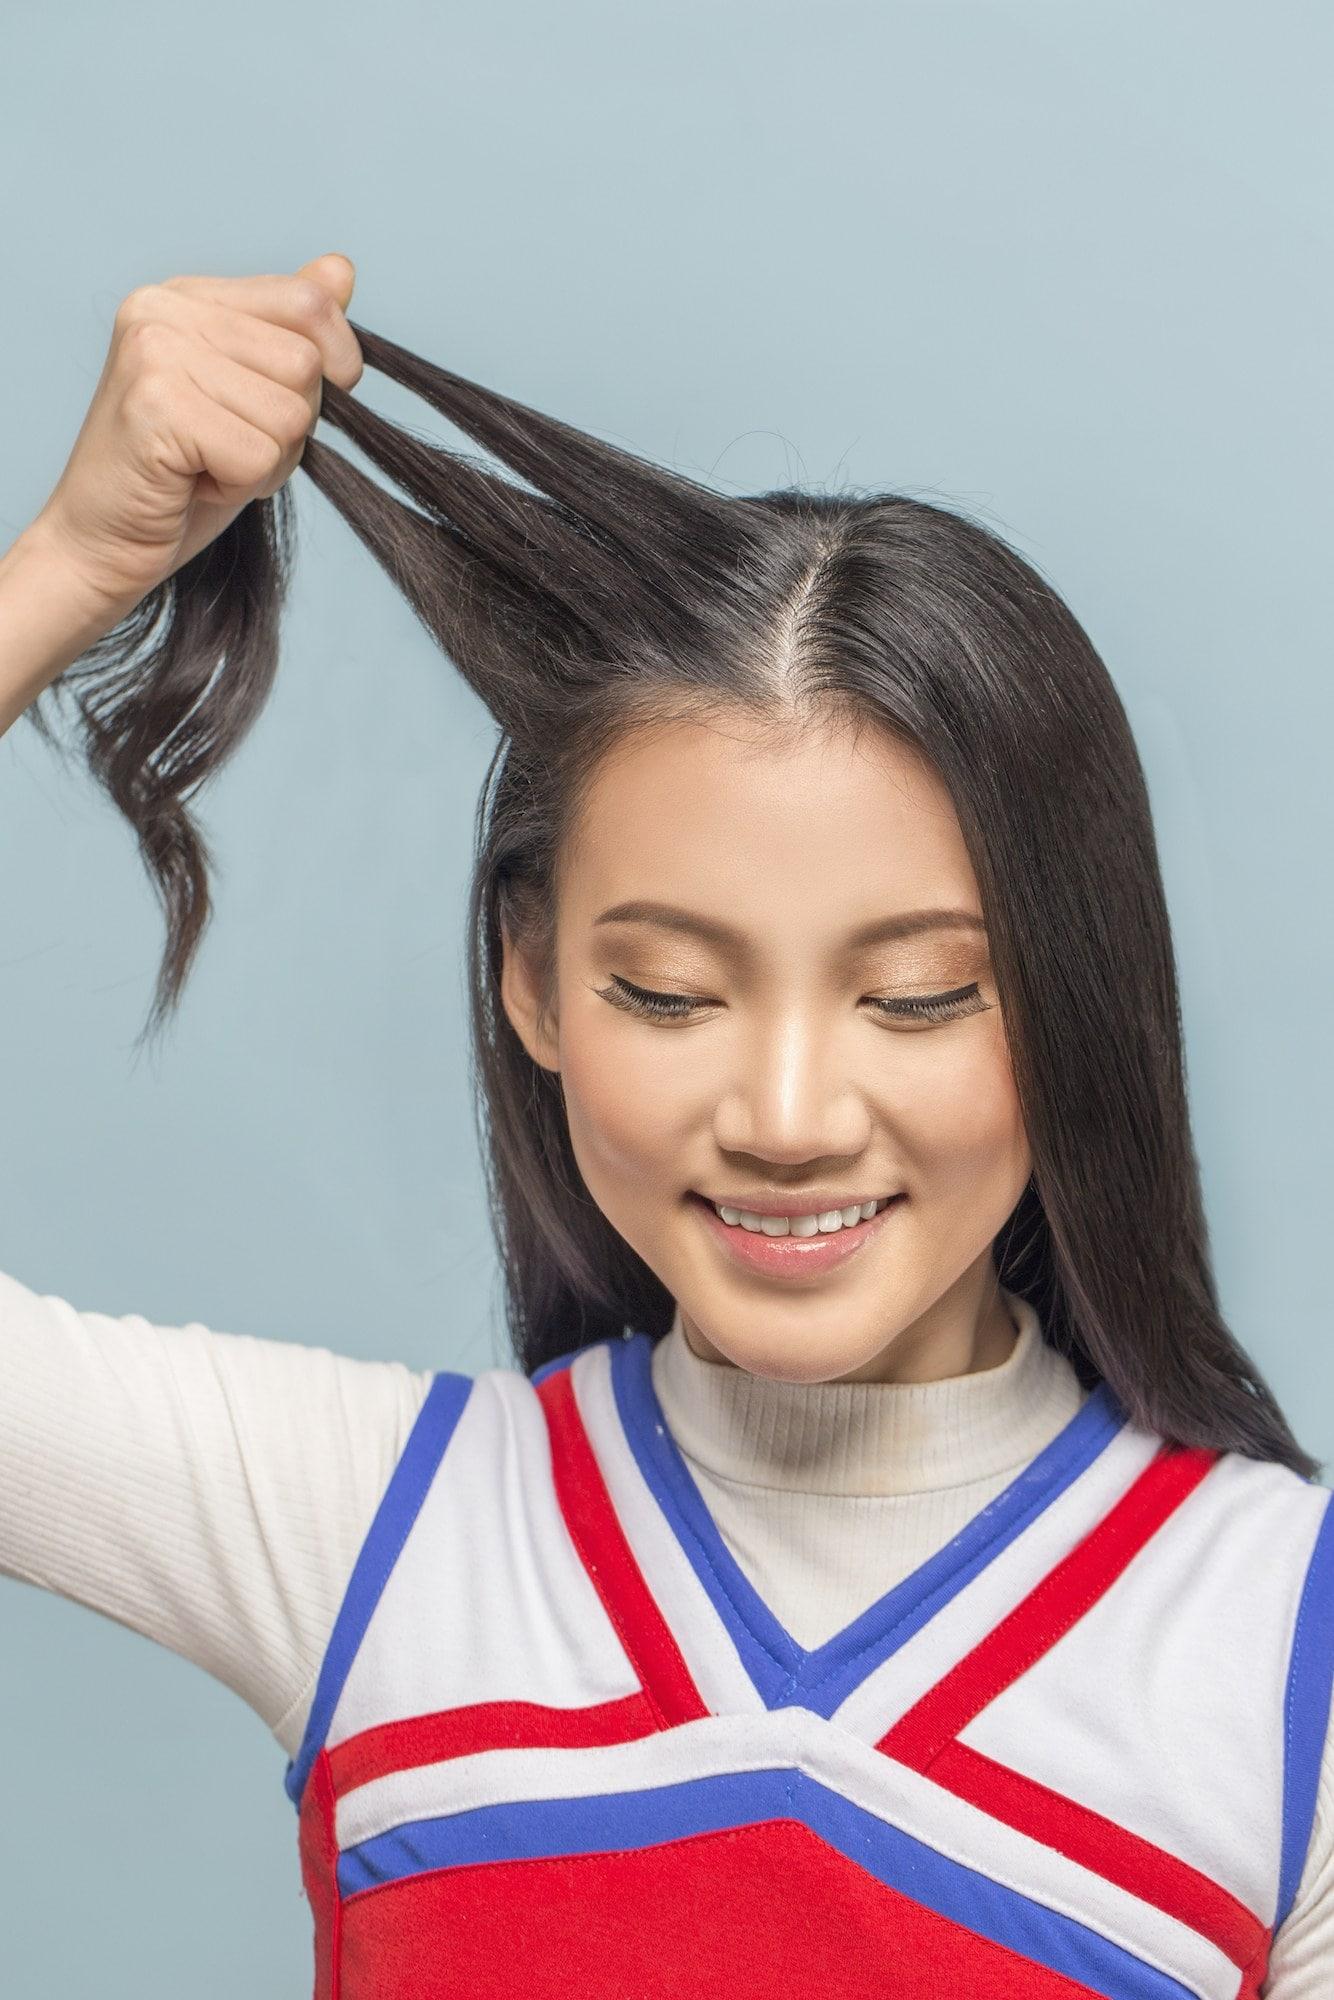 keramas-dengan-air-panas-menyebabkan-rambut-lepek